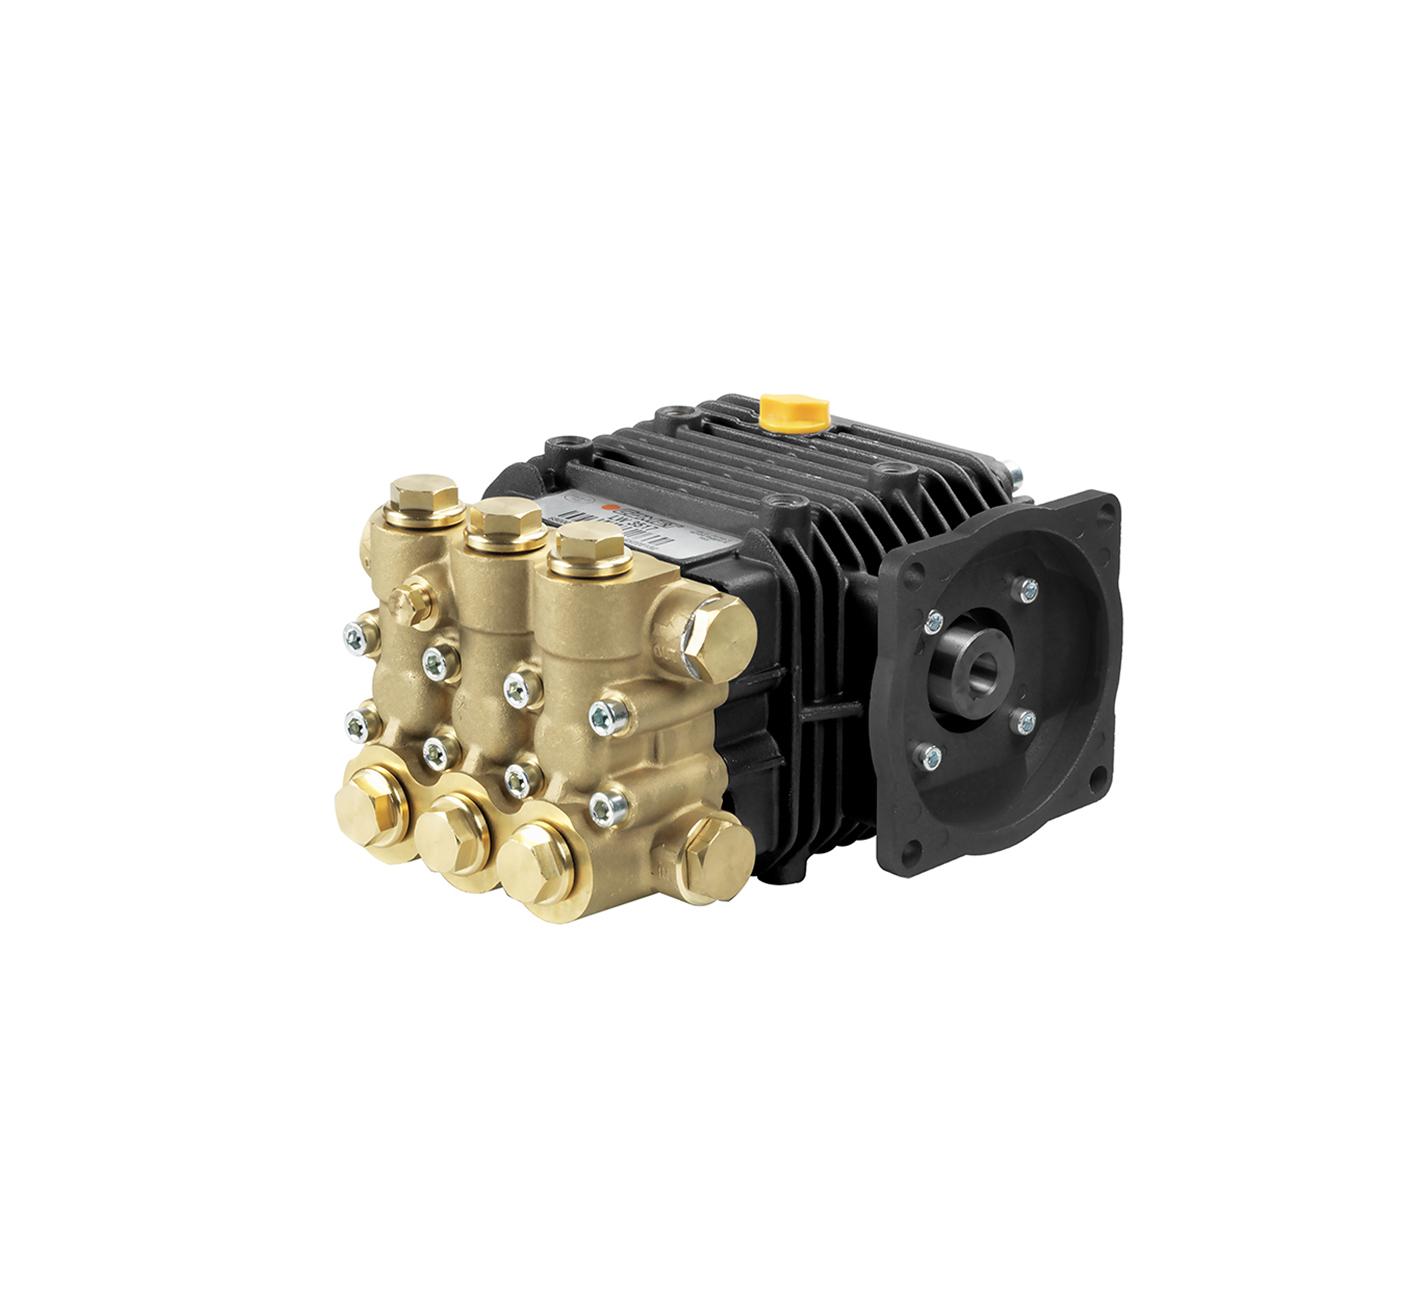 LW LWS E 5-8 Comet Industrial Pumps